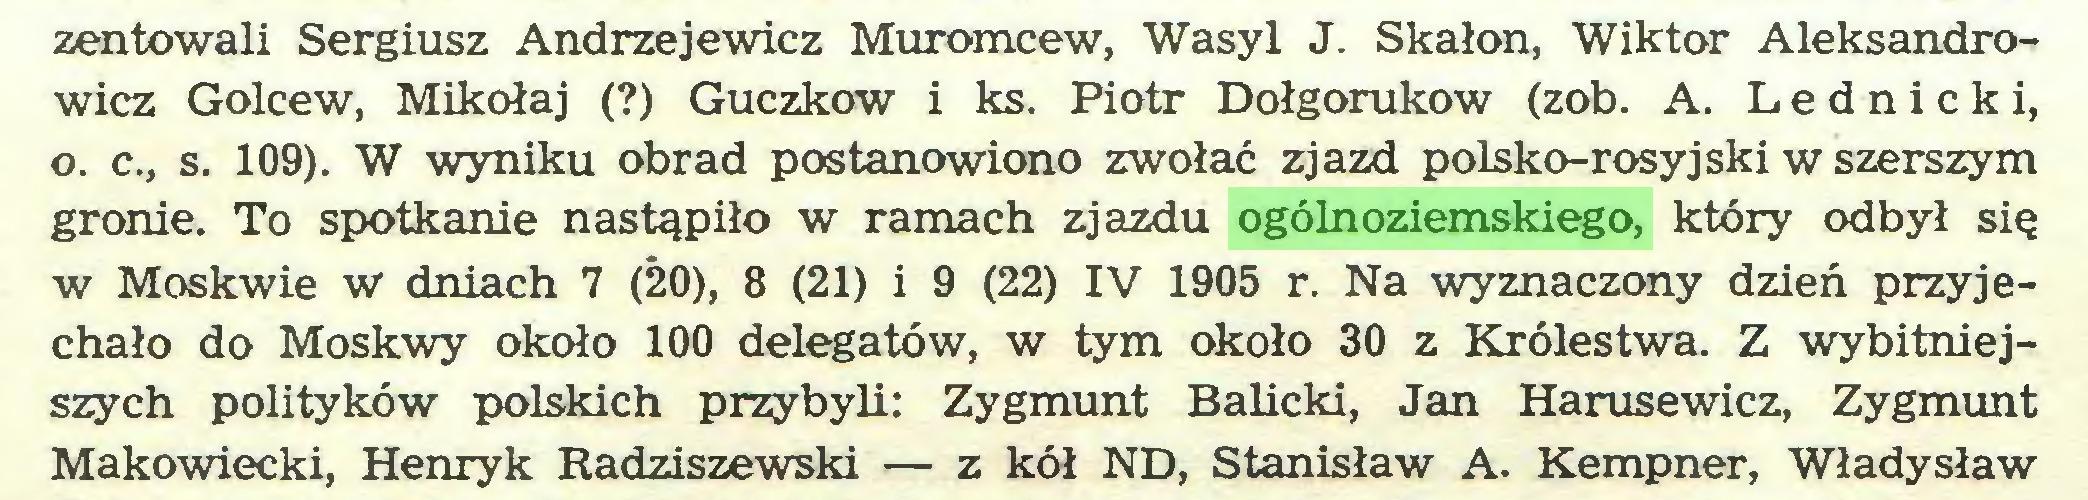 (...) zentowali Sergiusz Andrzejewicz Muromcew, Wasyl J. Skałon, Wiktor Aleksandrowicz Golcew, Mikołaj (?) Guczkow i ks. Piotr Dołgorukow (zob. A. Lednicki, o. c., s. 109). W wyniku obrad postanowiono zwołać zjazd polsko-rosyjski w szerszym granie. To spotkanie nastąpiło w ramach zjazdu ogólnoziemskiego, który odbył się w Moskwie w dniach 7 (20), 8 (21) i 9 (22) IV 1905 r. Na wyznaczony dzień przyjechało do Moskwy około 100 delegatów, w tym około 30 z Królestwa. Z wybitniejszych polityków polskich przybyli: Zygmunt Balicki, Jan Harusewicz, Zygmunt Makowiecki, Henryk Radziszewski — z kół ND, Stanisław A. Kempner, Władysław...